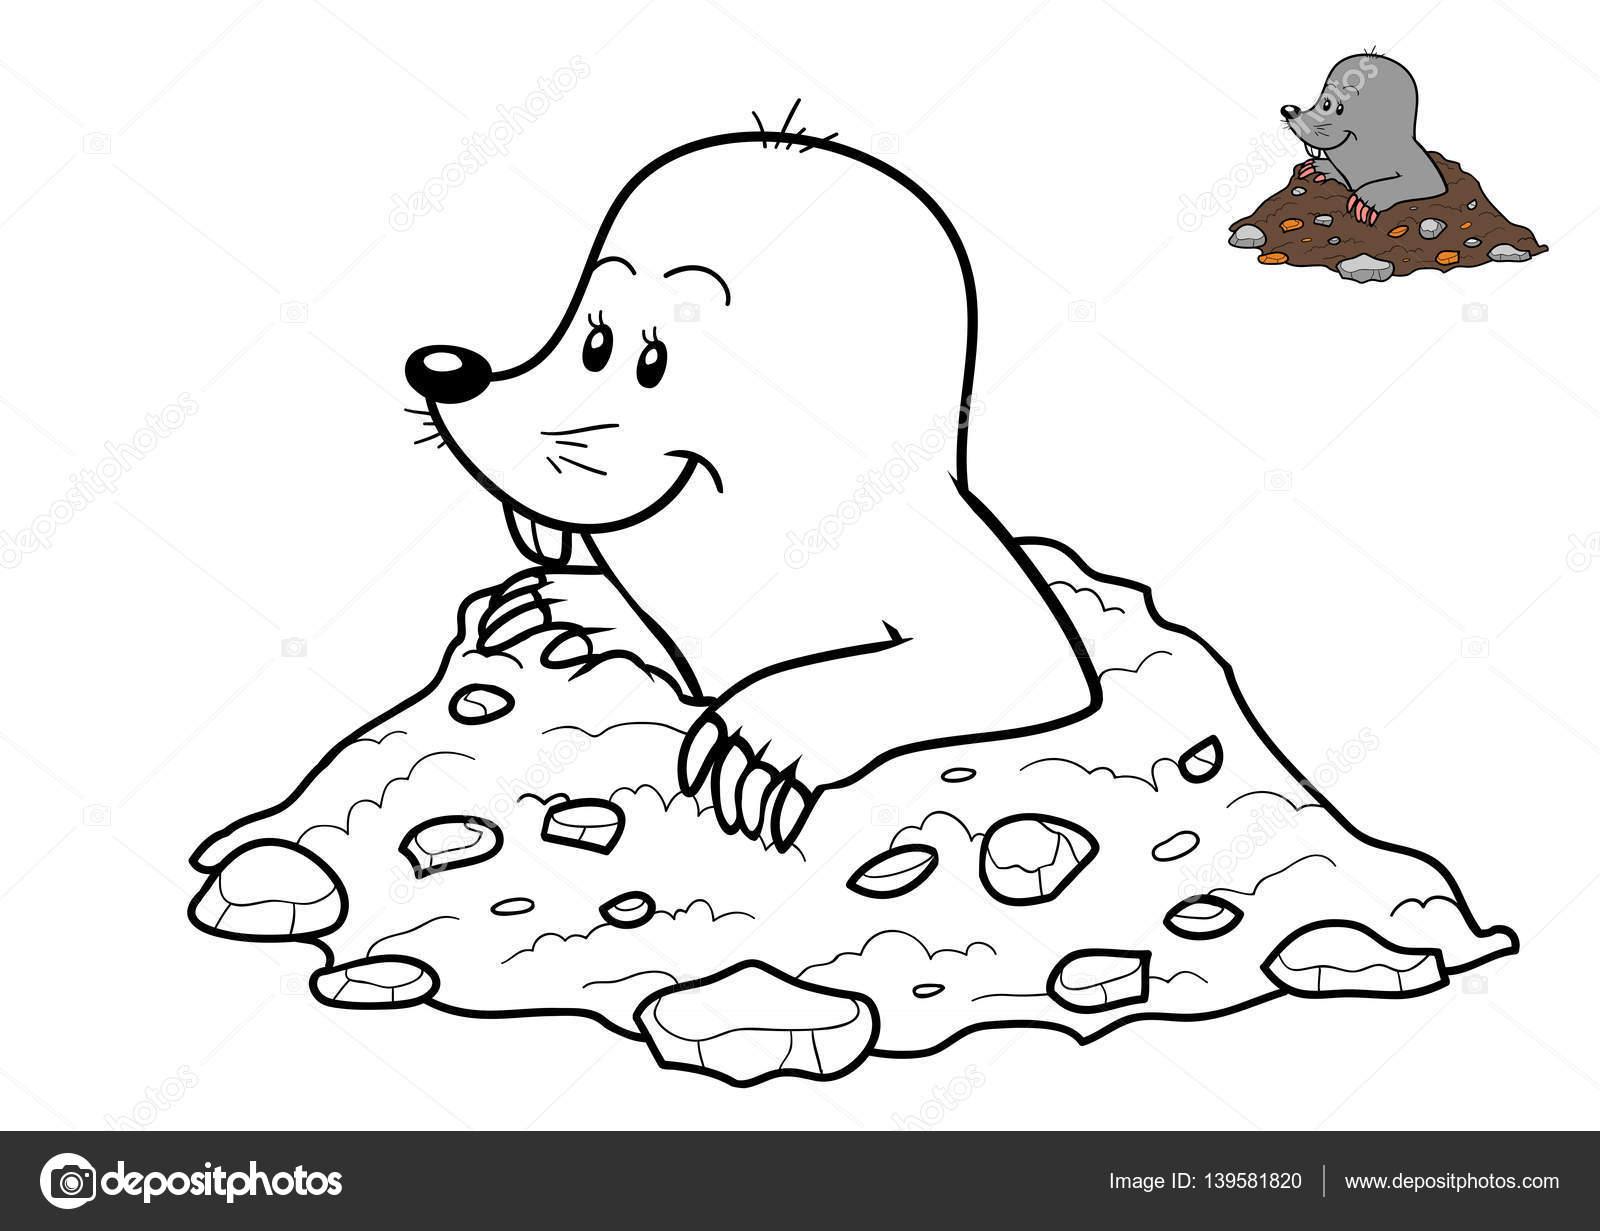 Coloring : 46 Mole Animal Coloring Pages Picture Ideas Mole concernant Dessin De Taupe